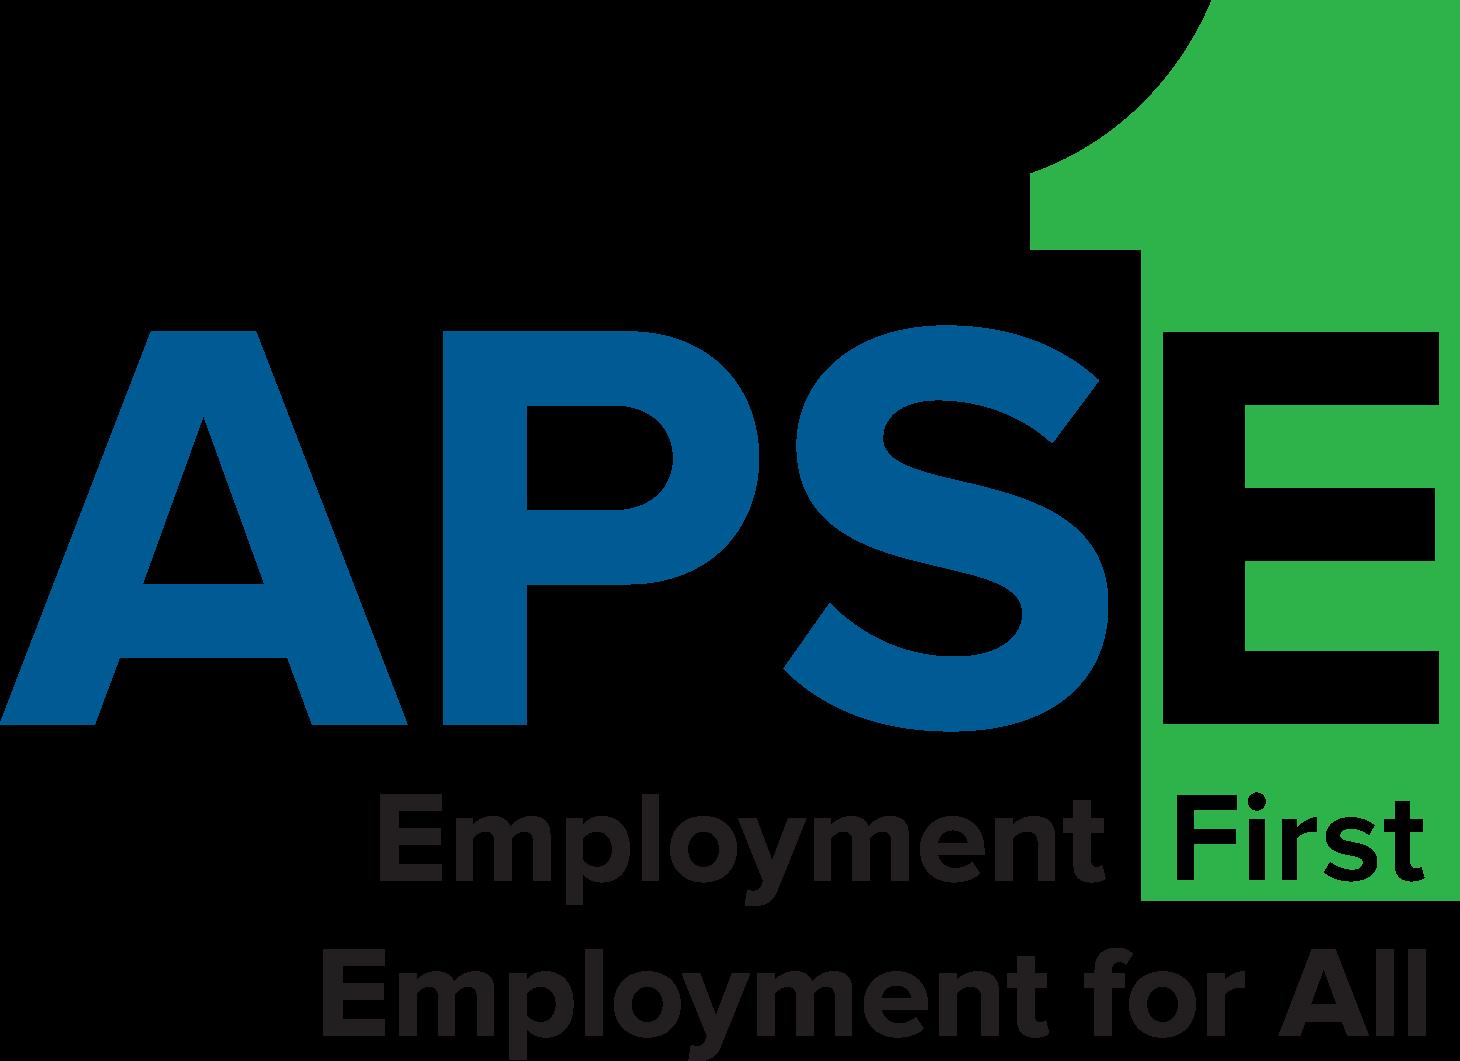 APSE logo.